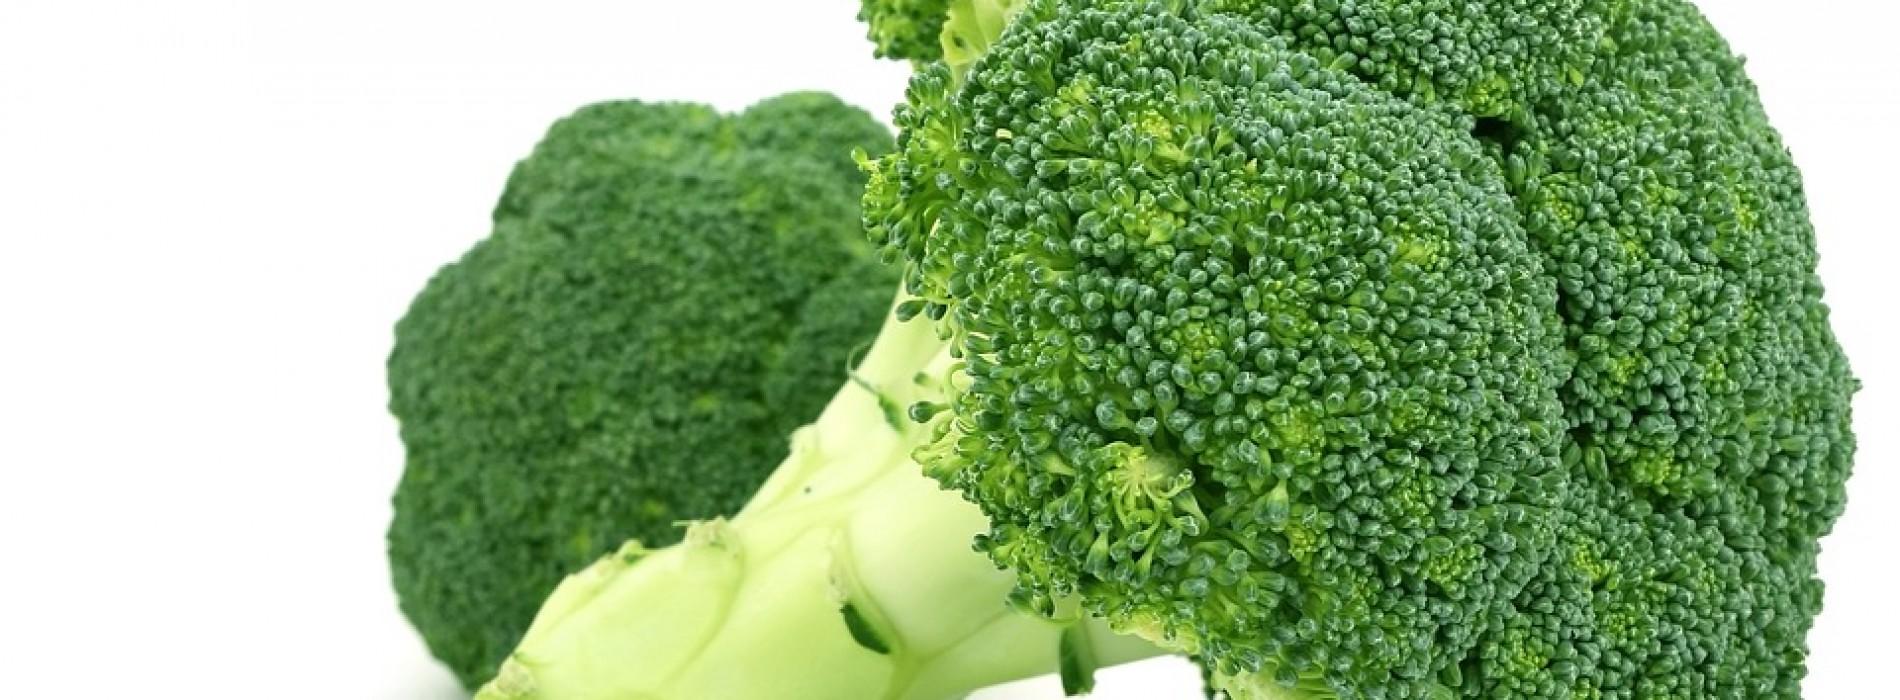 Hoe gezond is broccoli?